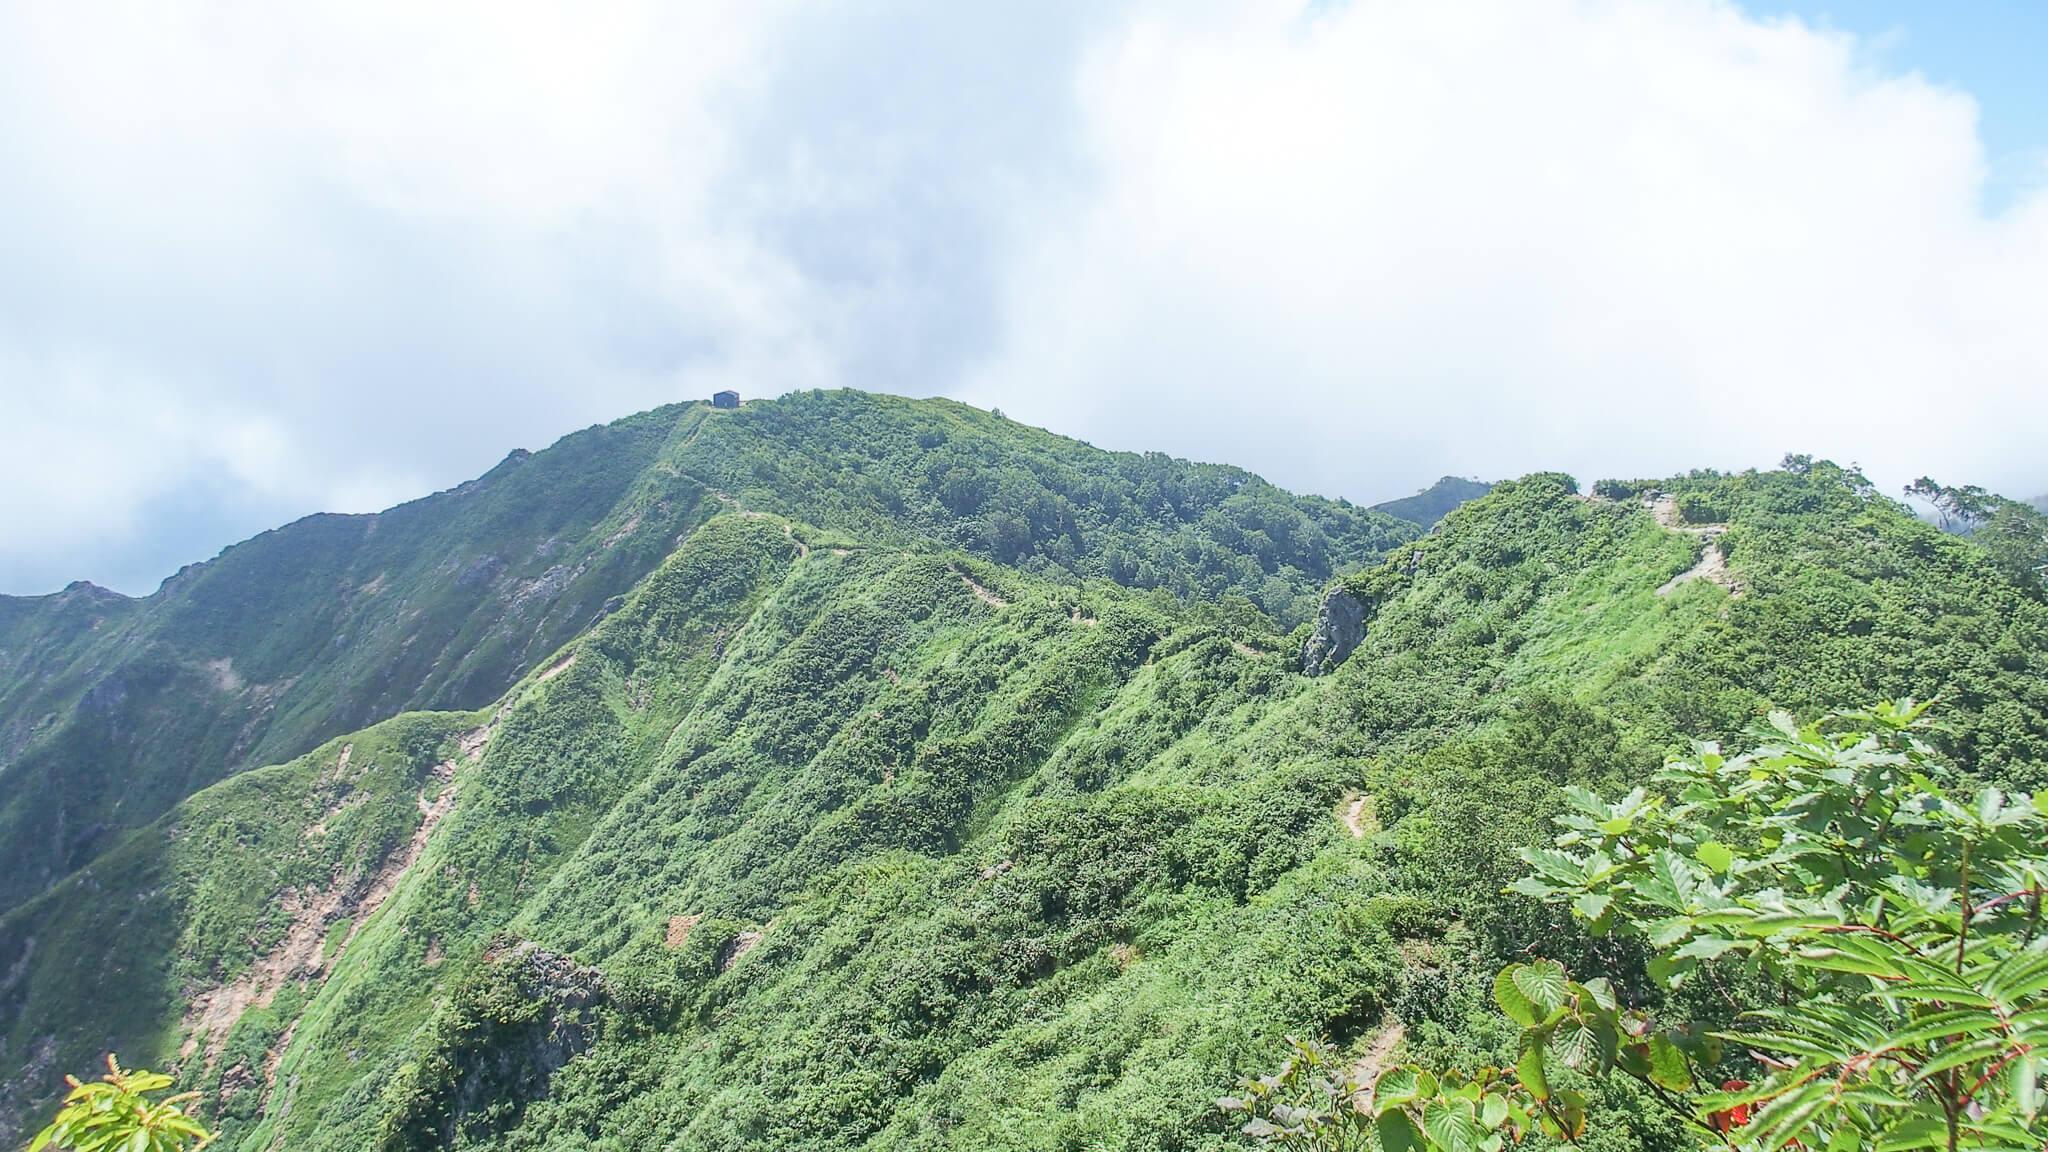 飯豊山・三国岳から種蒔山へ至る道から三国小屋を振り返る